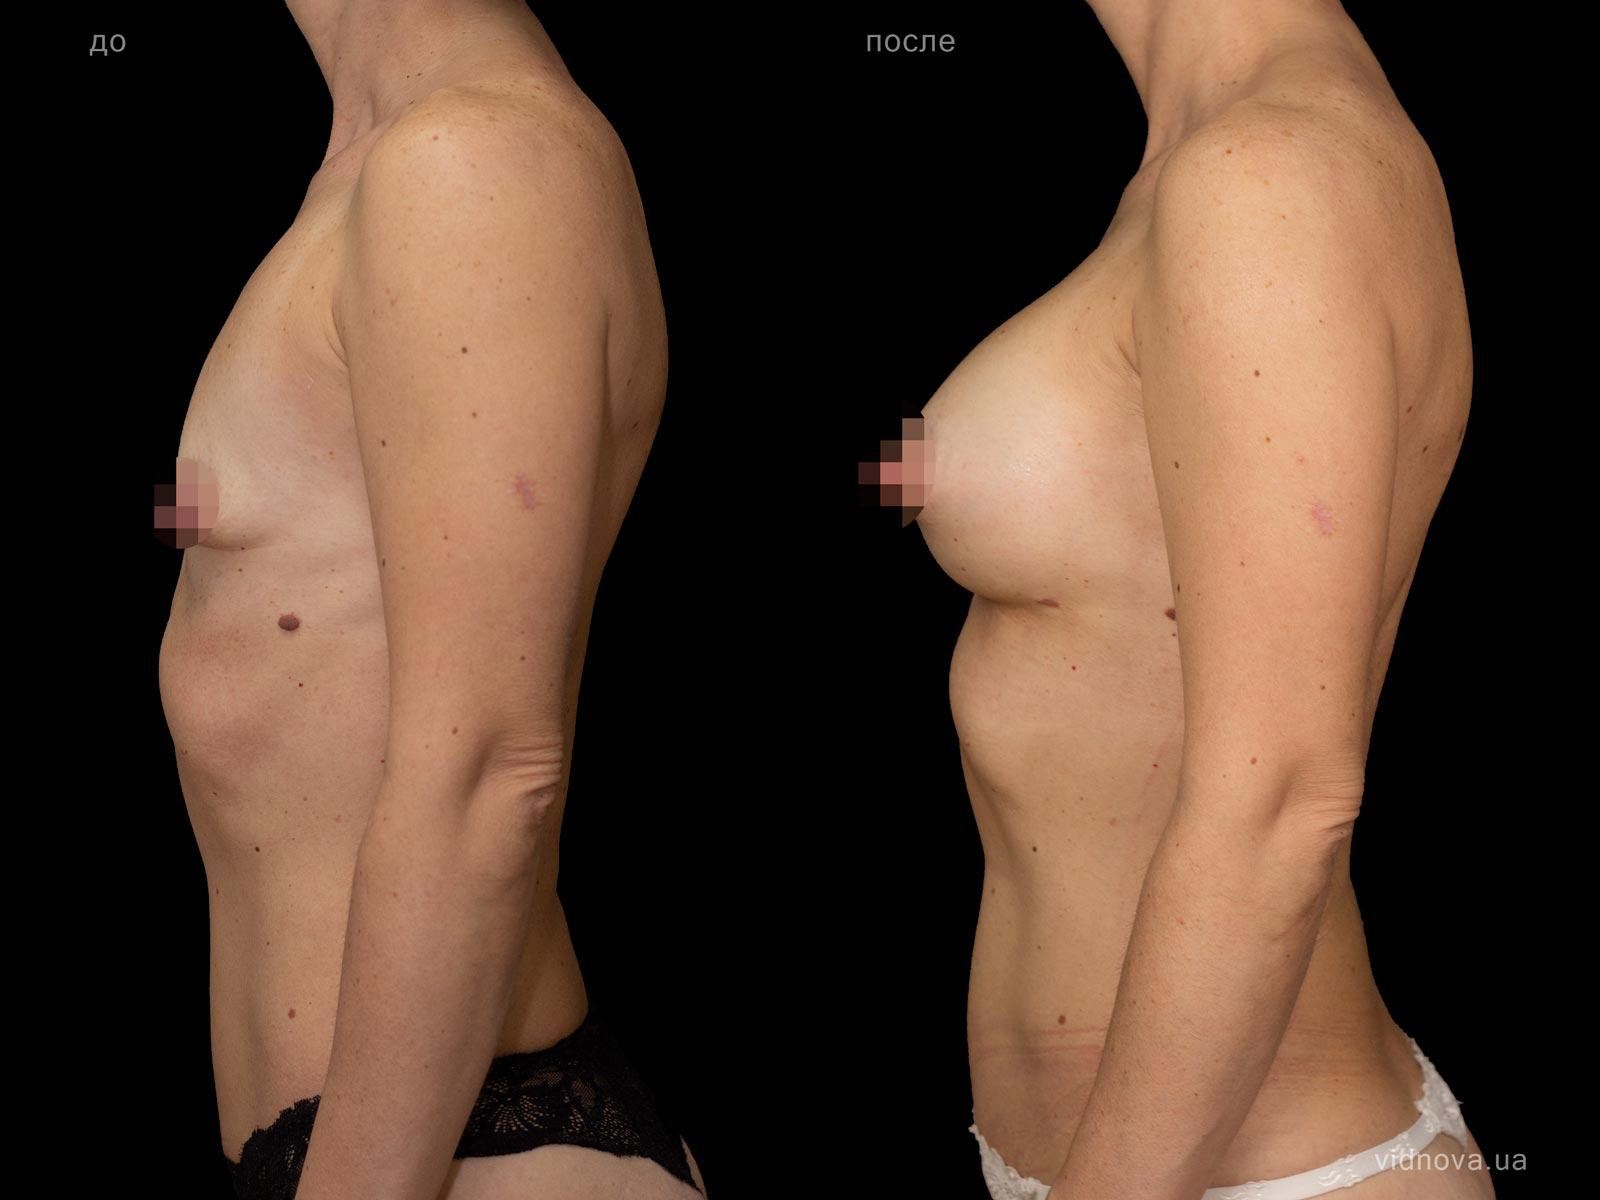 Пластика груди: результаты до и после - Пример №83-2 - Светлана Работенко